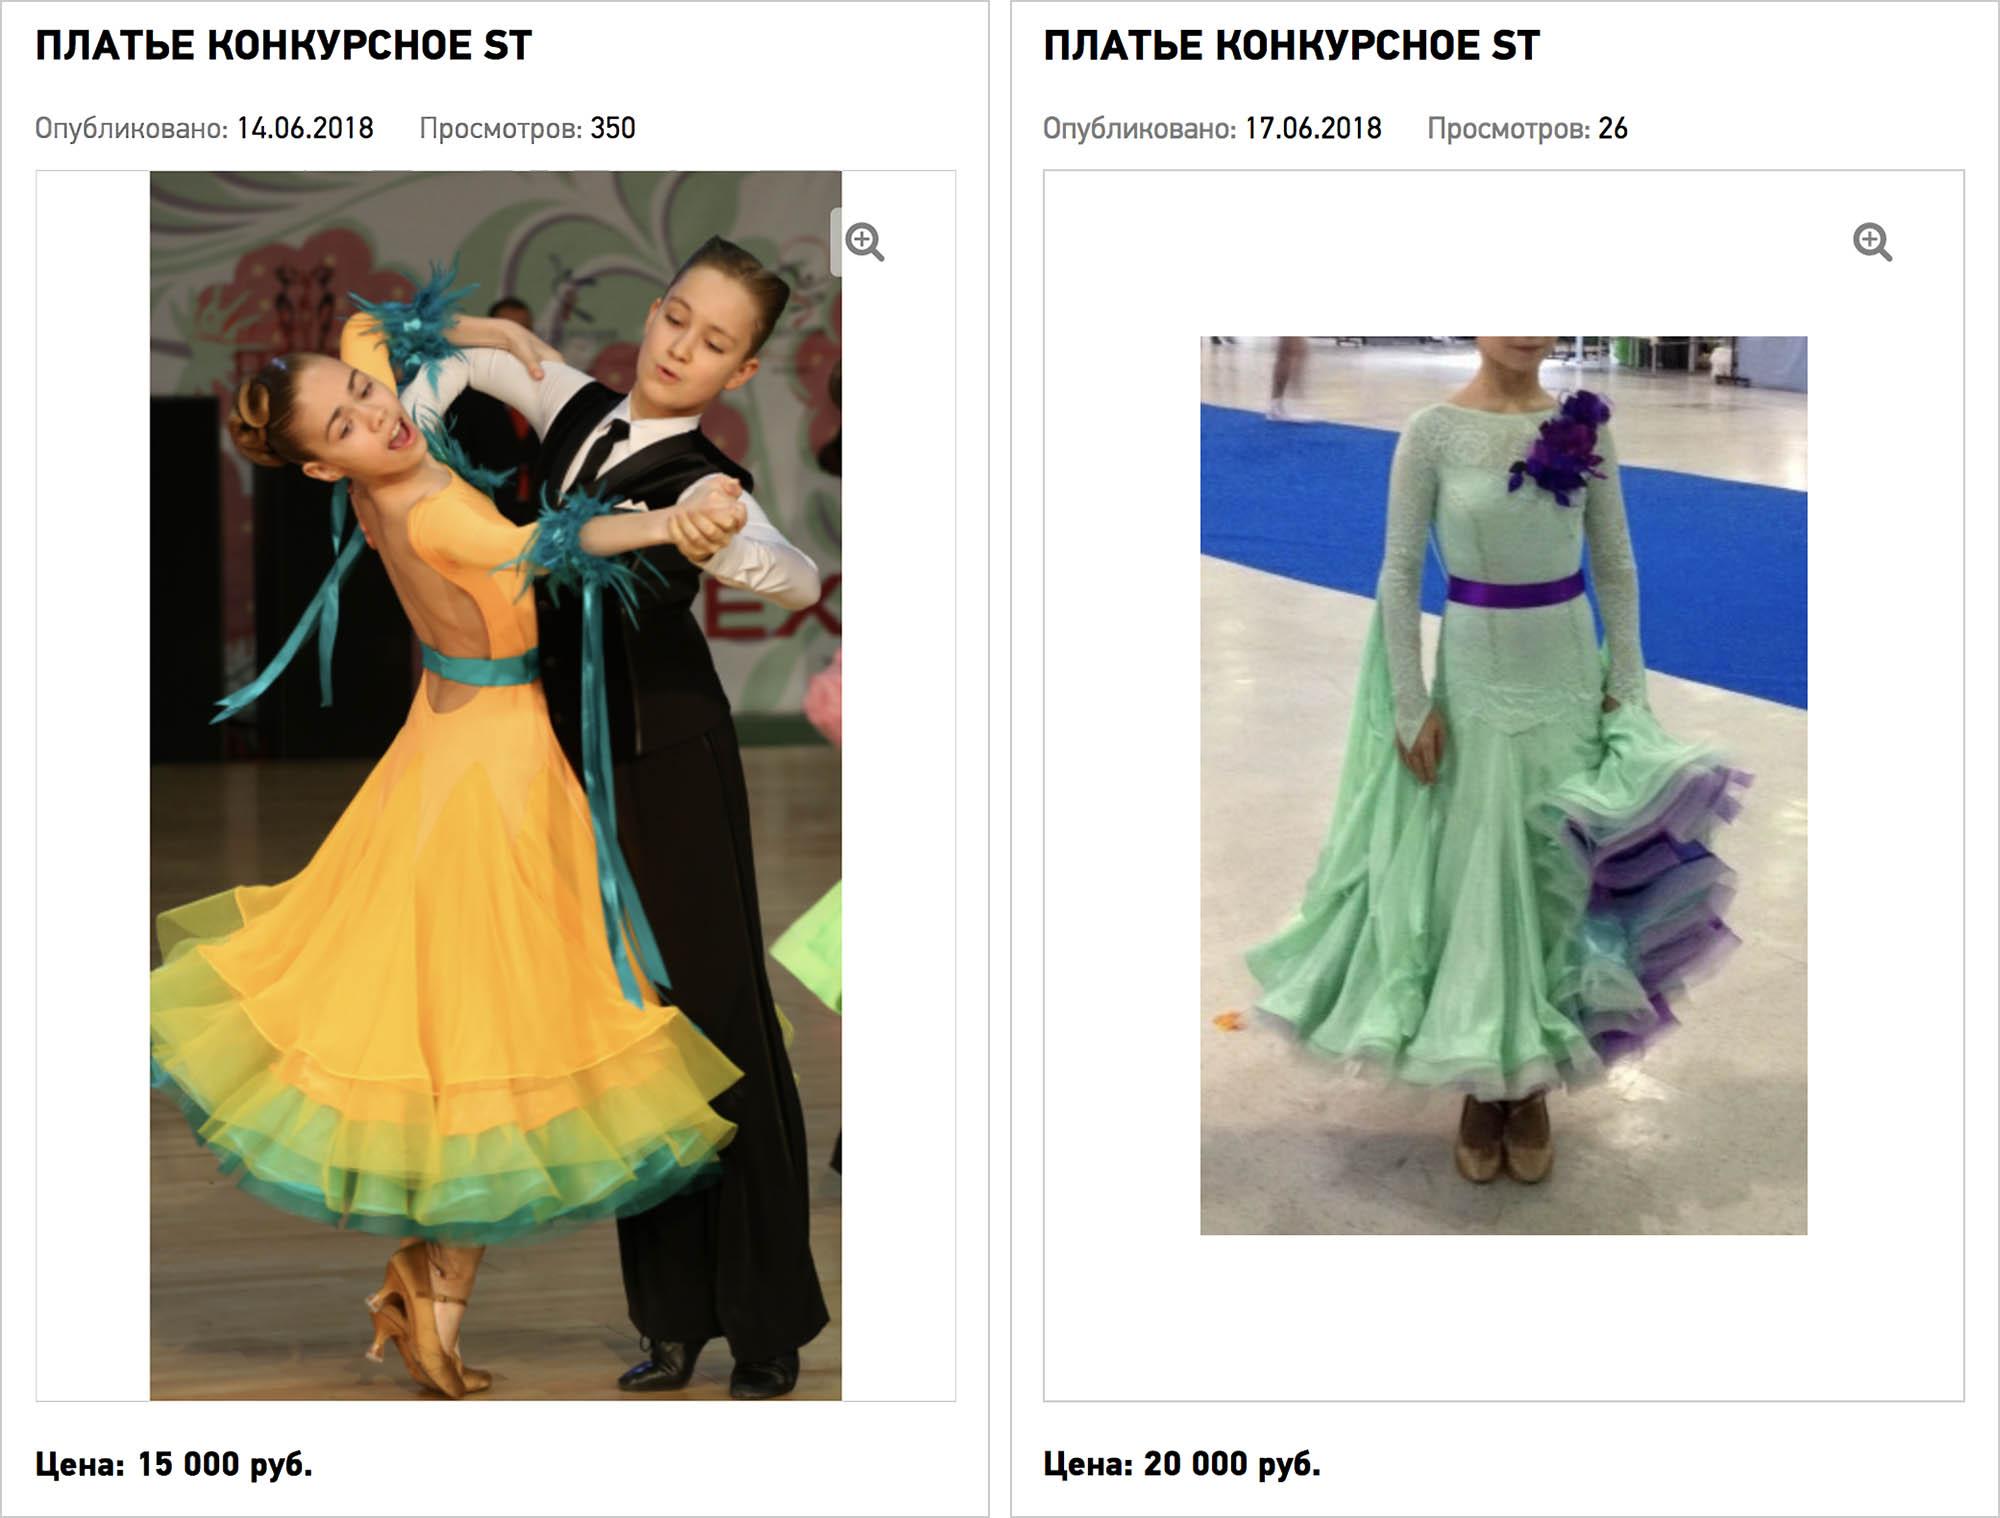 Бывают подержанные платья и за 15—20 тысяч рублей. Источник: dancesport.ru